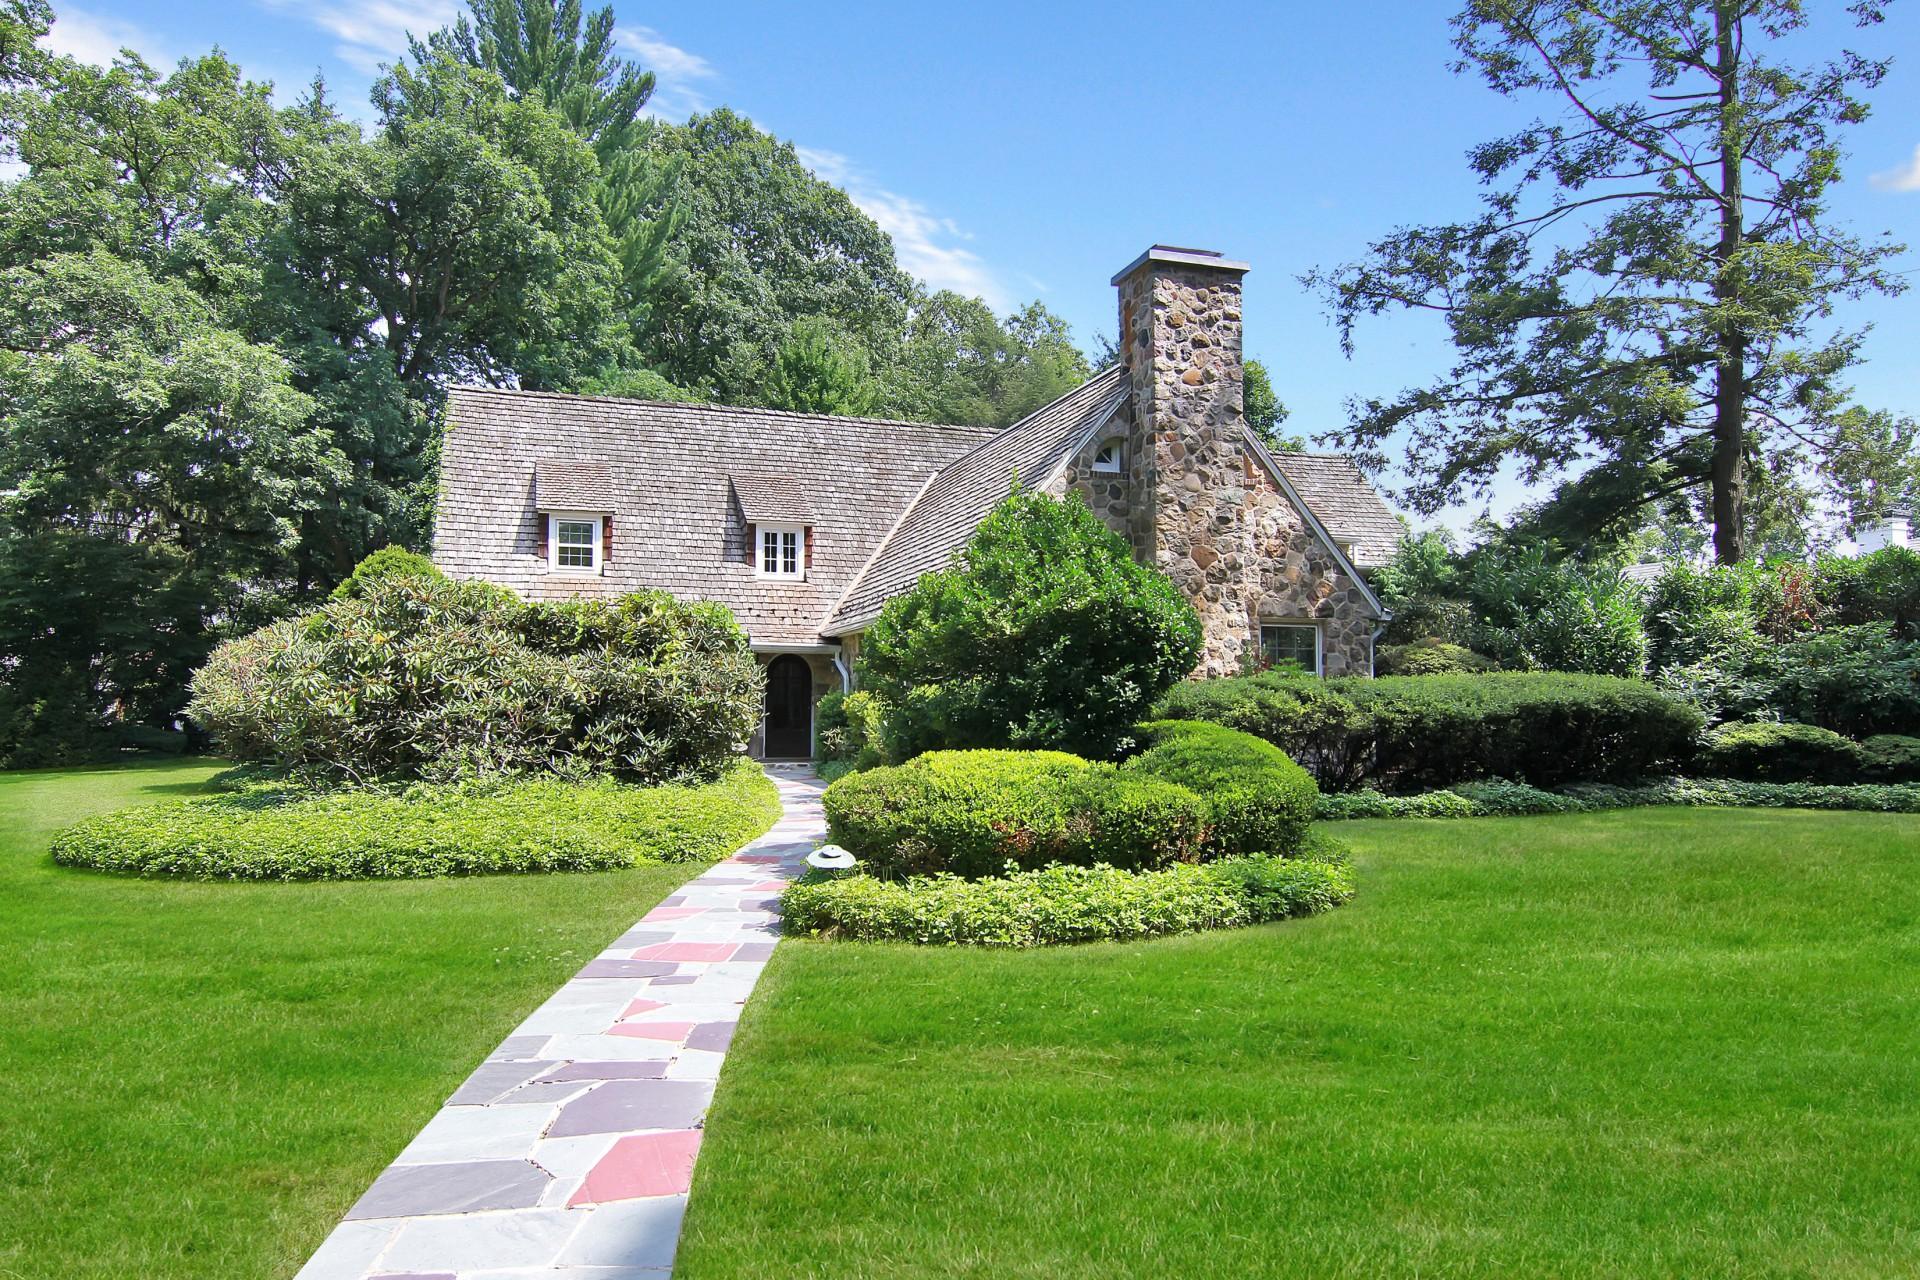 Casa Unifamiliar por un Venta en English Cotswold Home 186 Highland Avenue Short Hills, Nueva Jersey, 07078 Estados Unidos